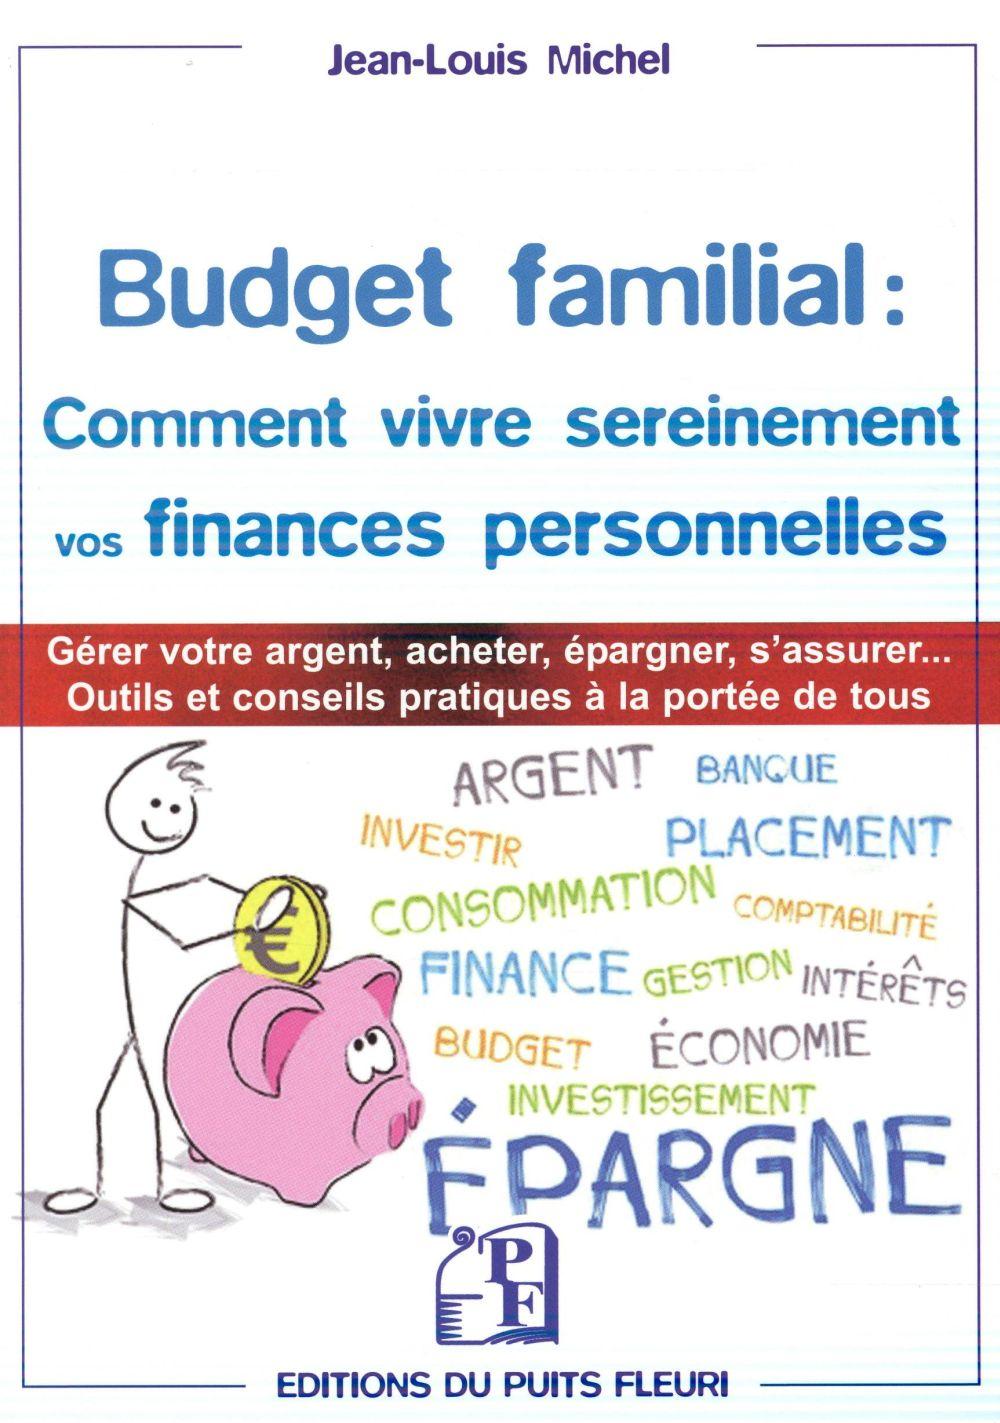 BUDGET FAMILIAL, COMMENT VIVRE SEREINEMENT VOS FINANCES PERSONNELLES ? DES OUTILS ET DES CONSEILS PR